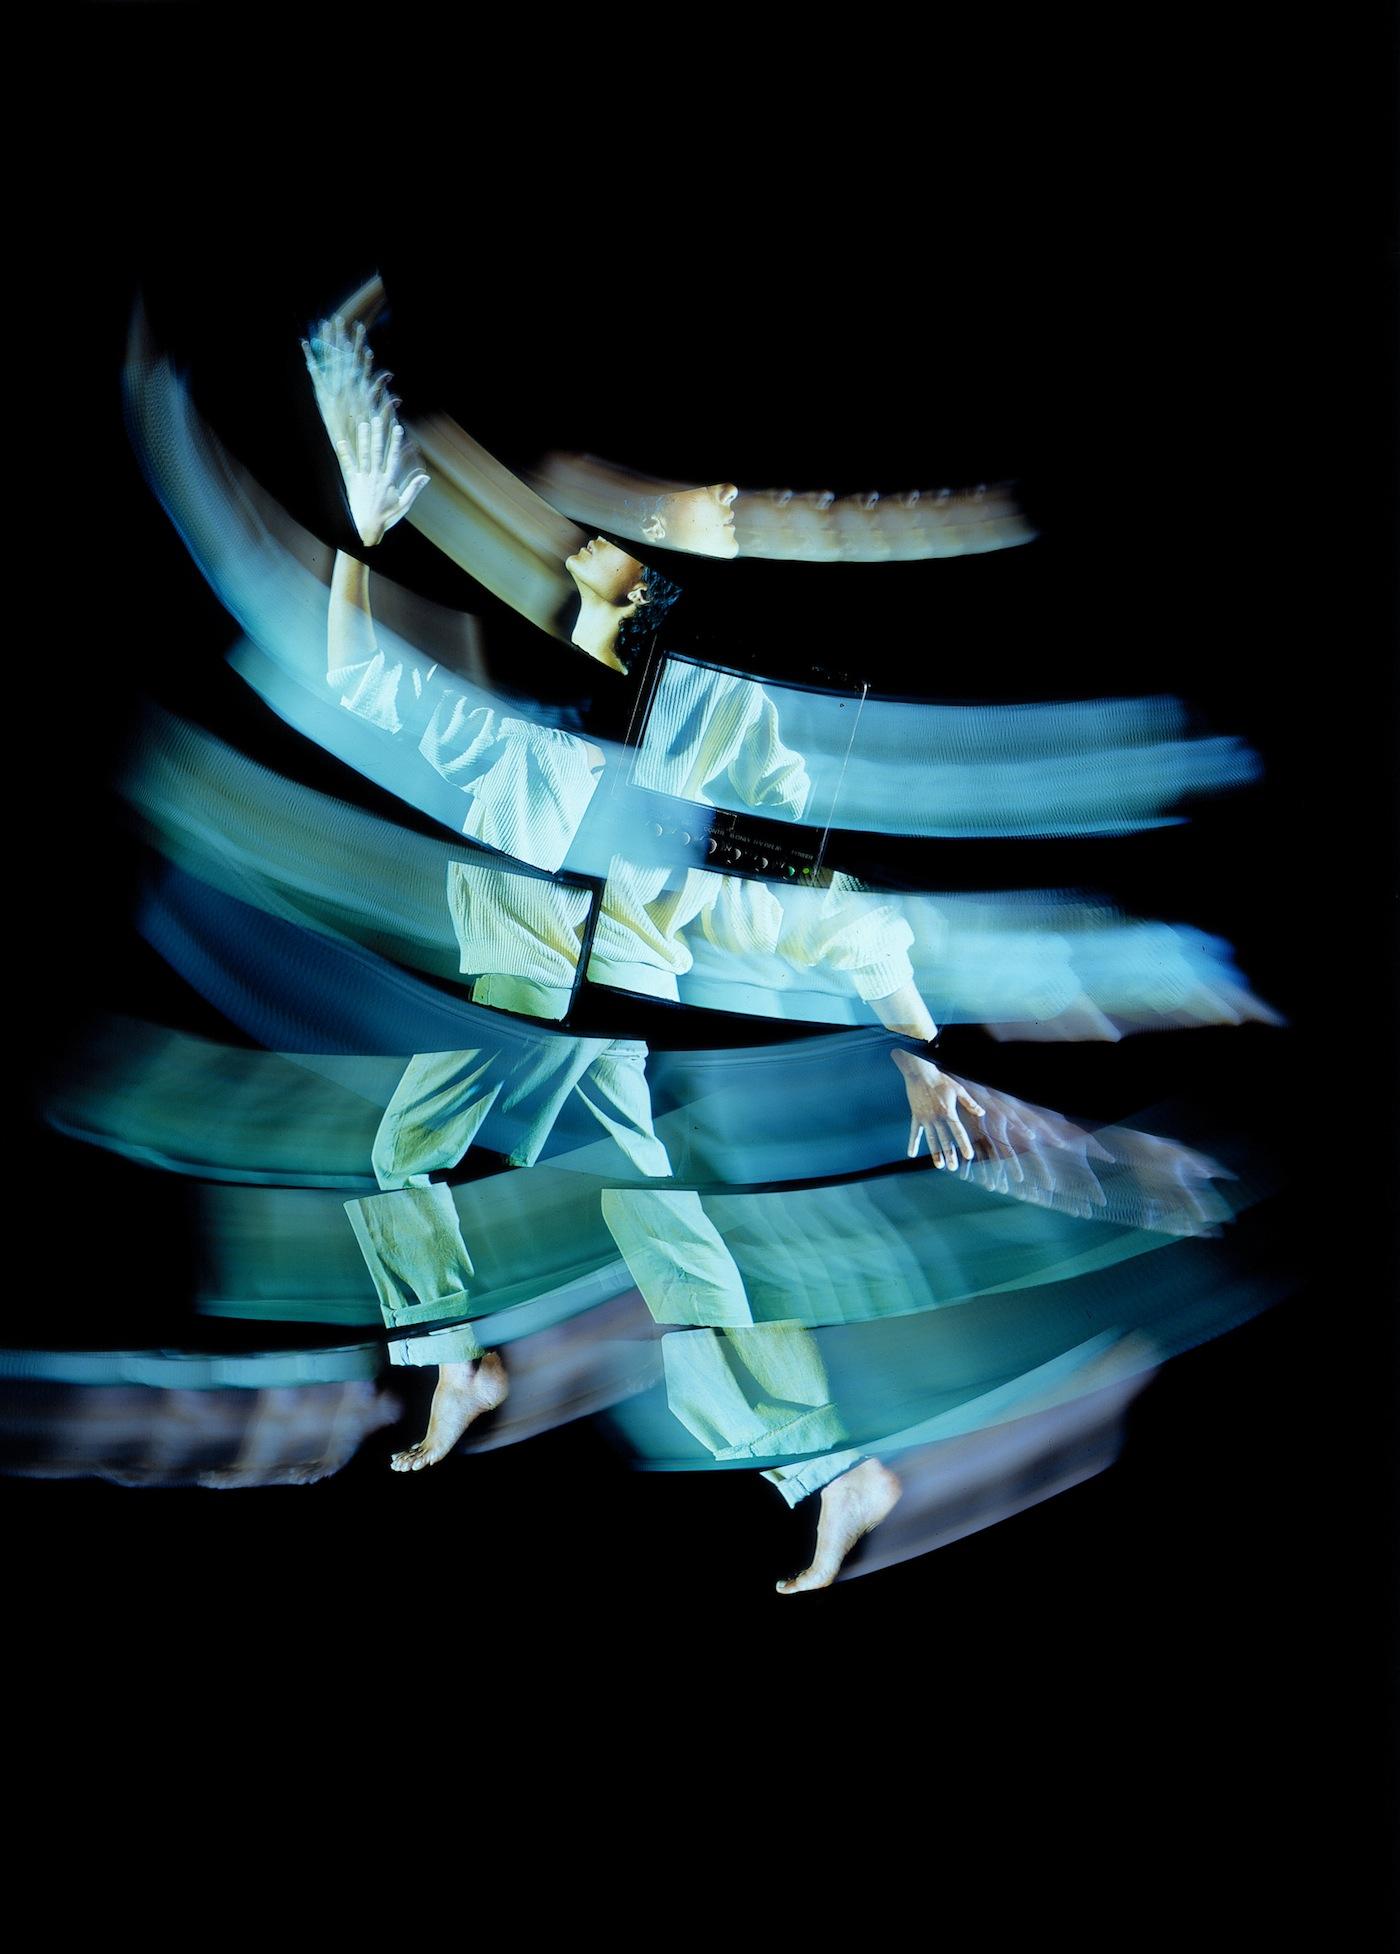 """STUDIO AZZURRO, Camera Astratta Opera video-teatrale in collaborazione con G. Barberio Corsetti 1987 """"Documenta 8"""", Kassel (Premio UBU 1988 per il Teatro di ricerca)"""